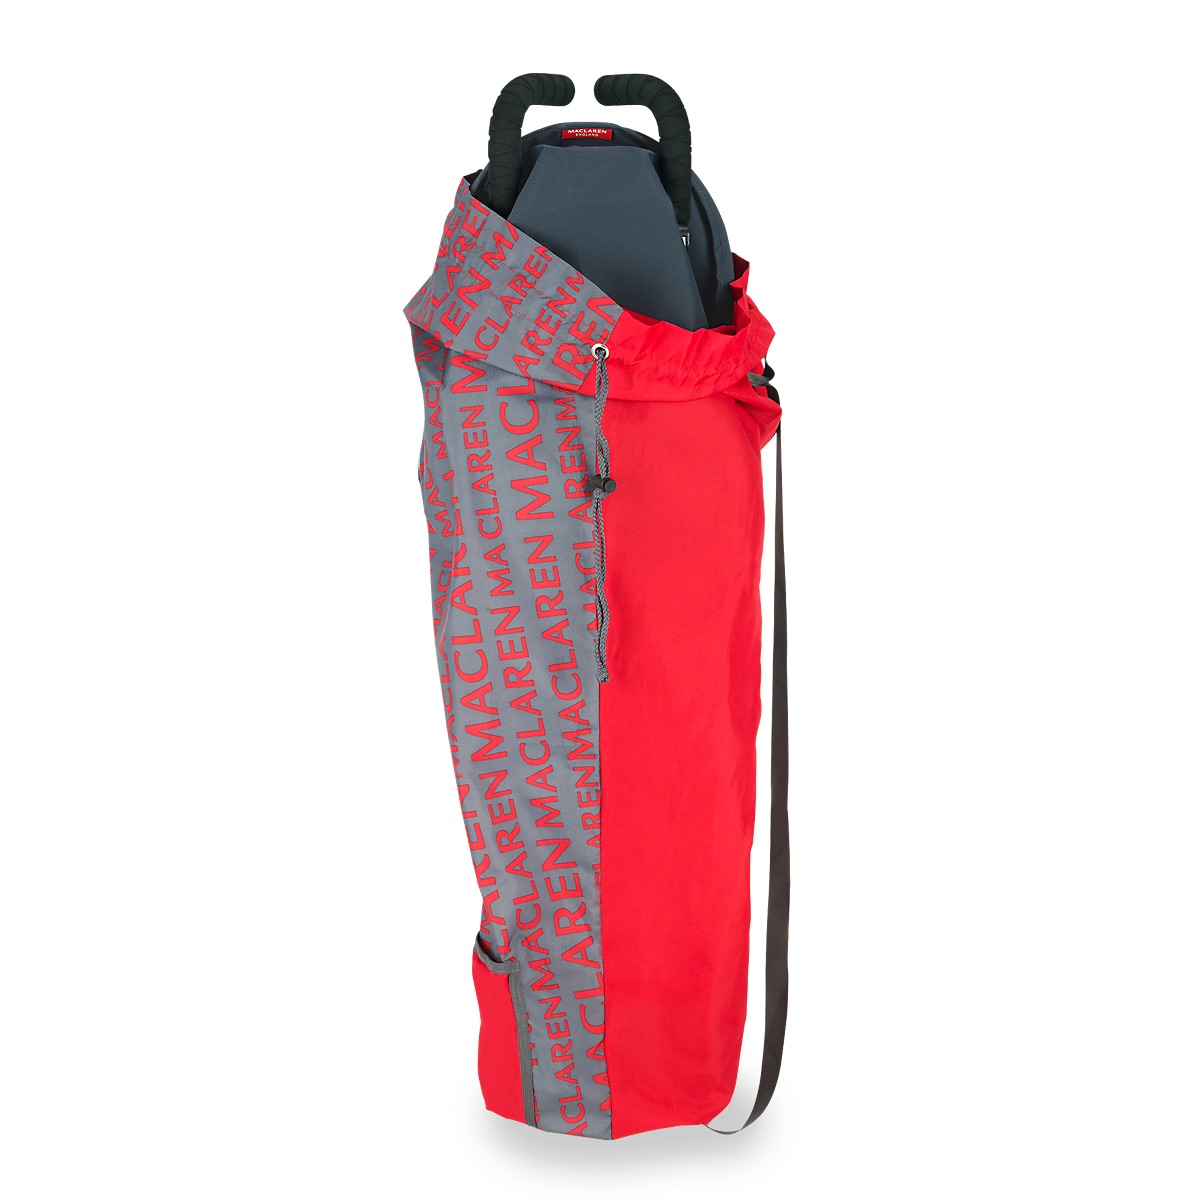 オーバーのアイテム取扱☆ 軽量ストレージバッグ Maclaren Lightweight Stroller Storage Bag Charcoal Cardinal マクラーレン チャコール ベビーカー ストローラー ストレージバッグ 新作からSALEアイテム等お得な商品満載 カーディナル バギー